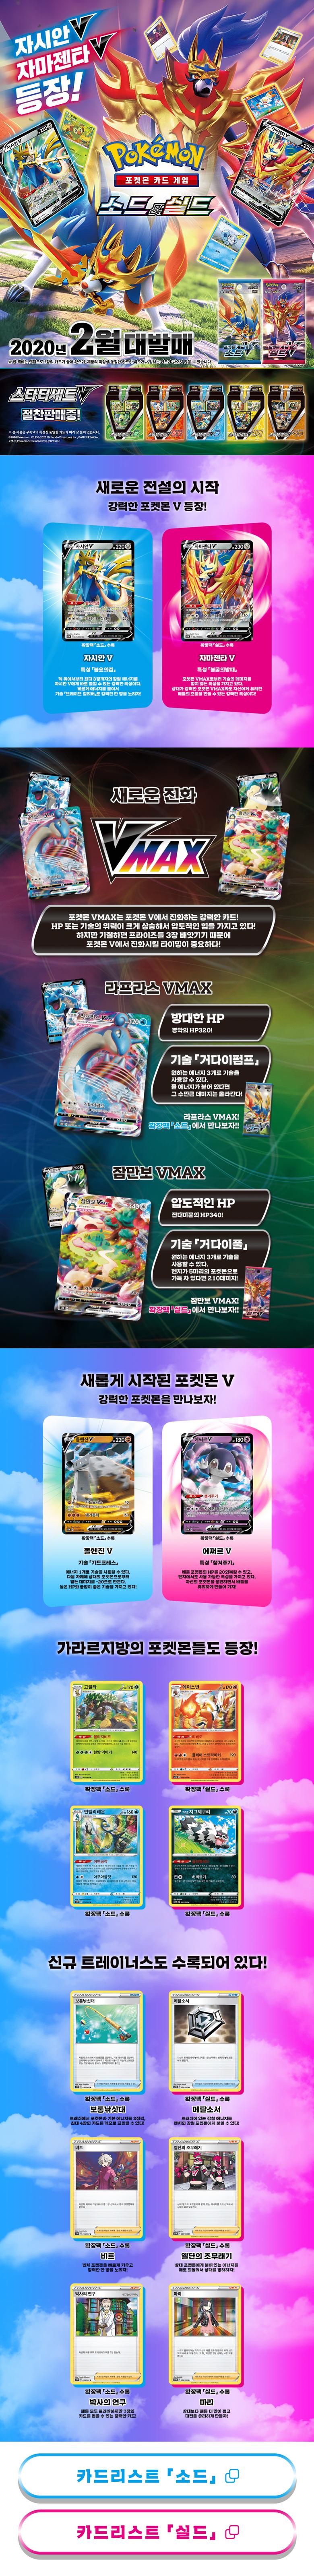 포켓몬 카드 게임 소드 앤 실드 - 영웅완구, 30,000원, 보드게임, 카드 게임